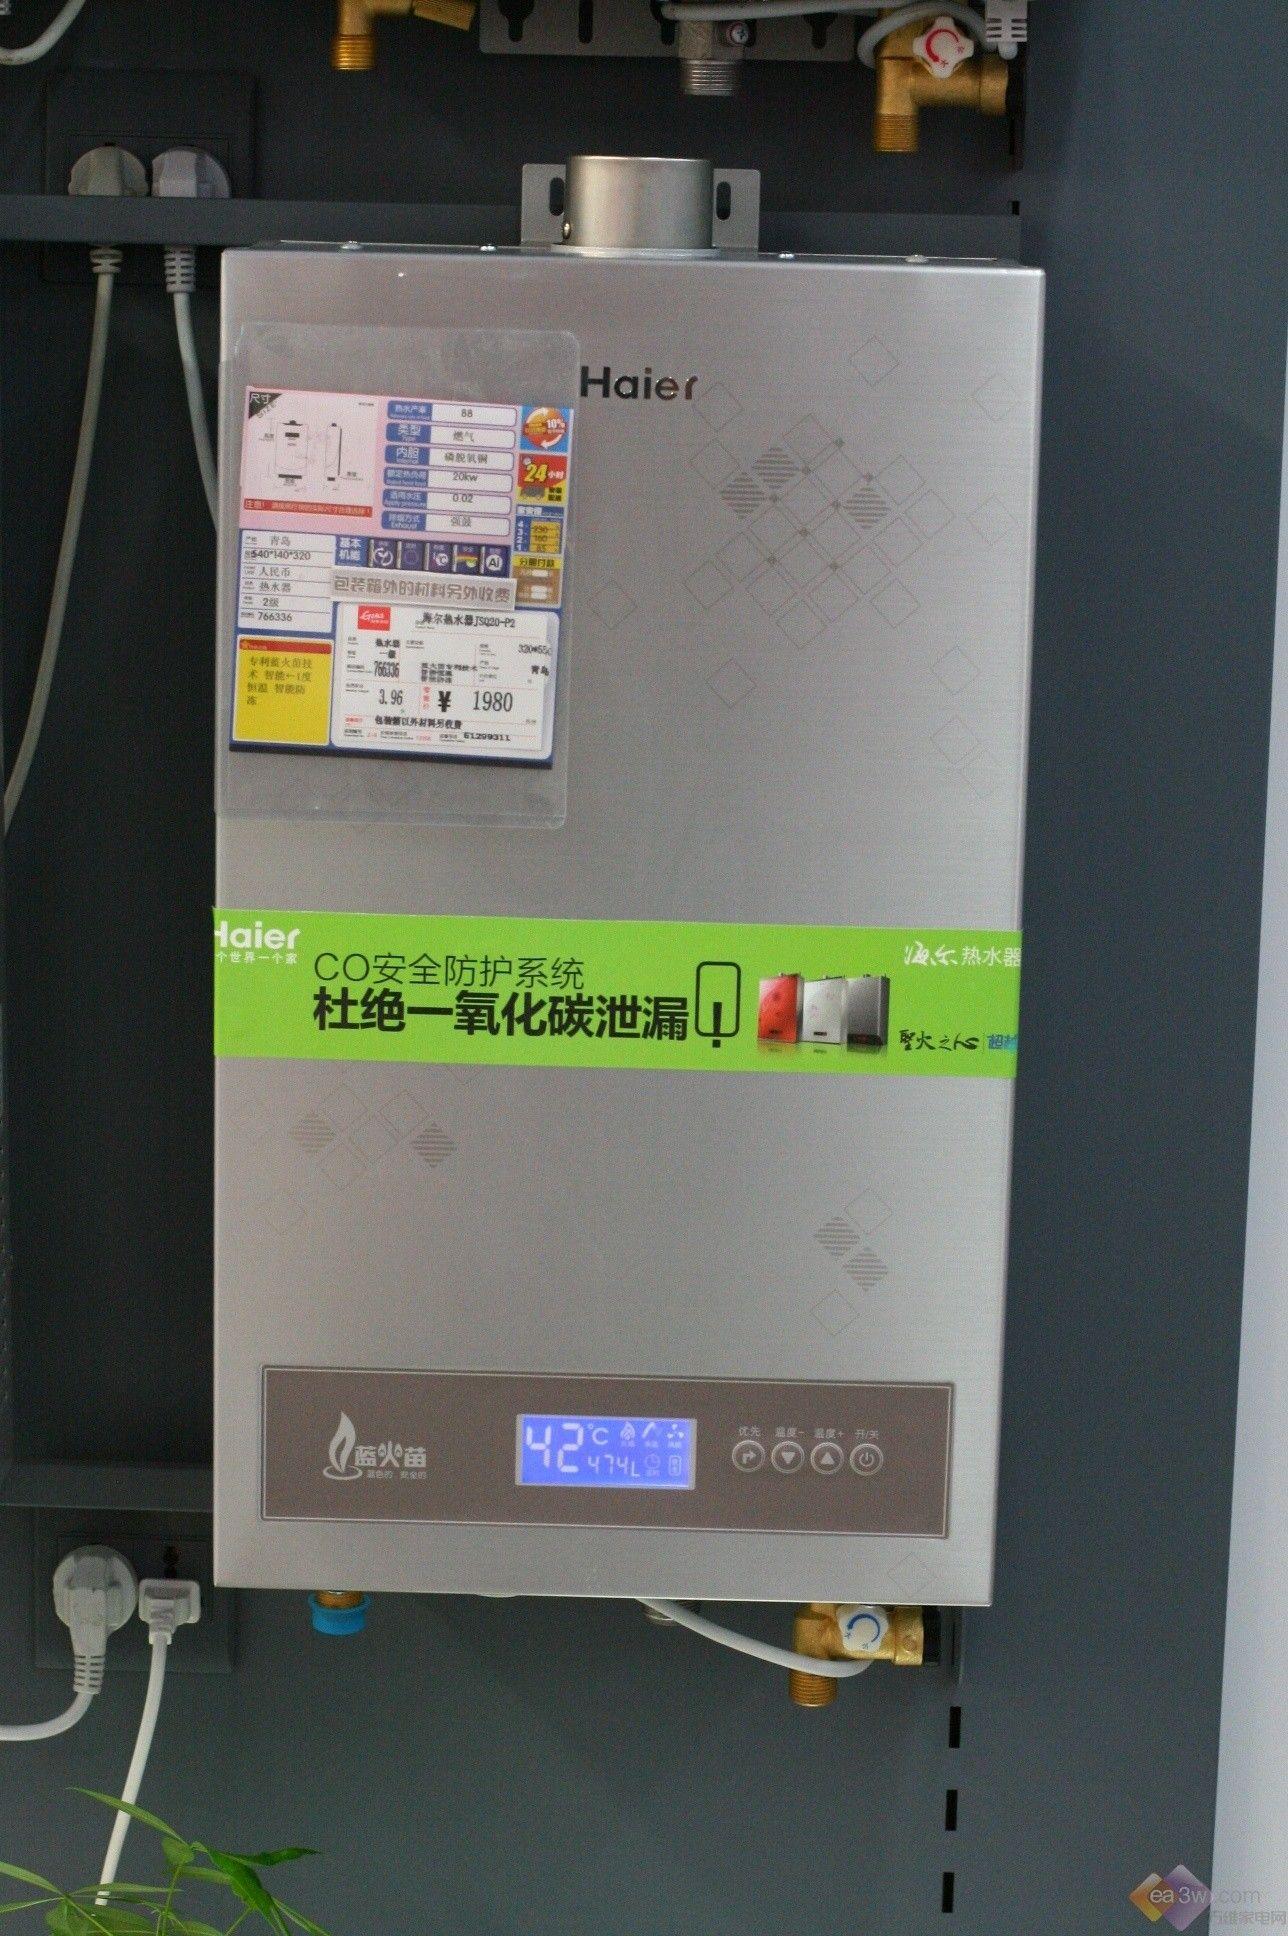 智能防冻 海尔jsq20-p2燃气热水器推荐